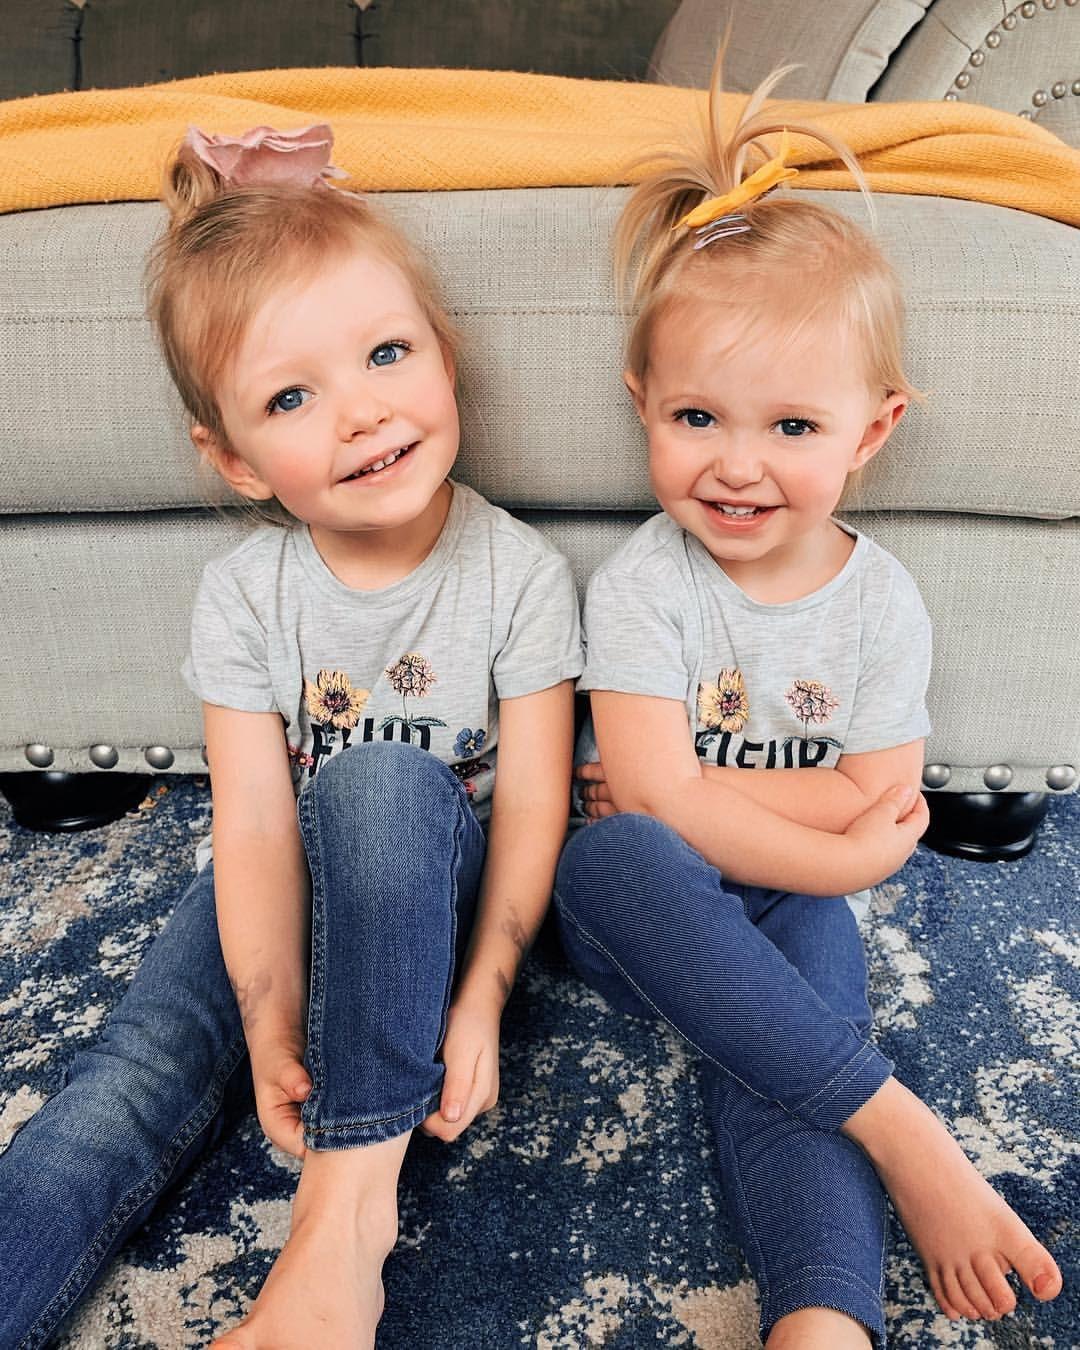 Gwynathynalyn Sisters Daughters Blonde Hair Blue Eyes